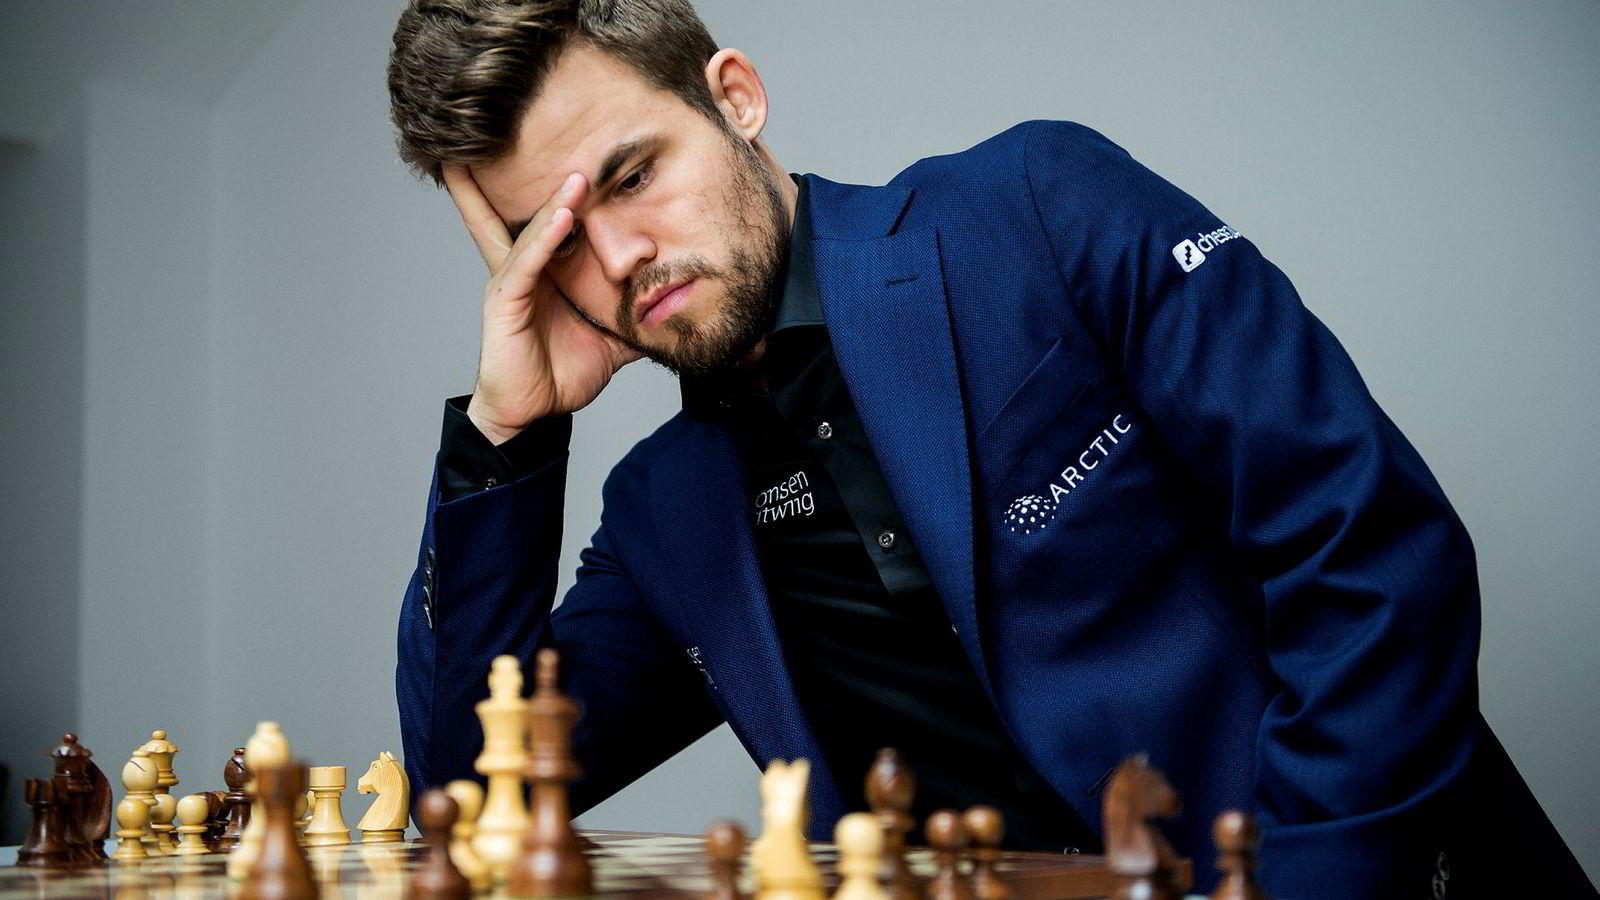 Play Magnus, som ble etablert av Magnus Carlsen, har sikret seg elæringsbedriften Chessable.